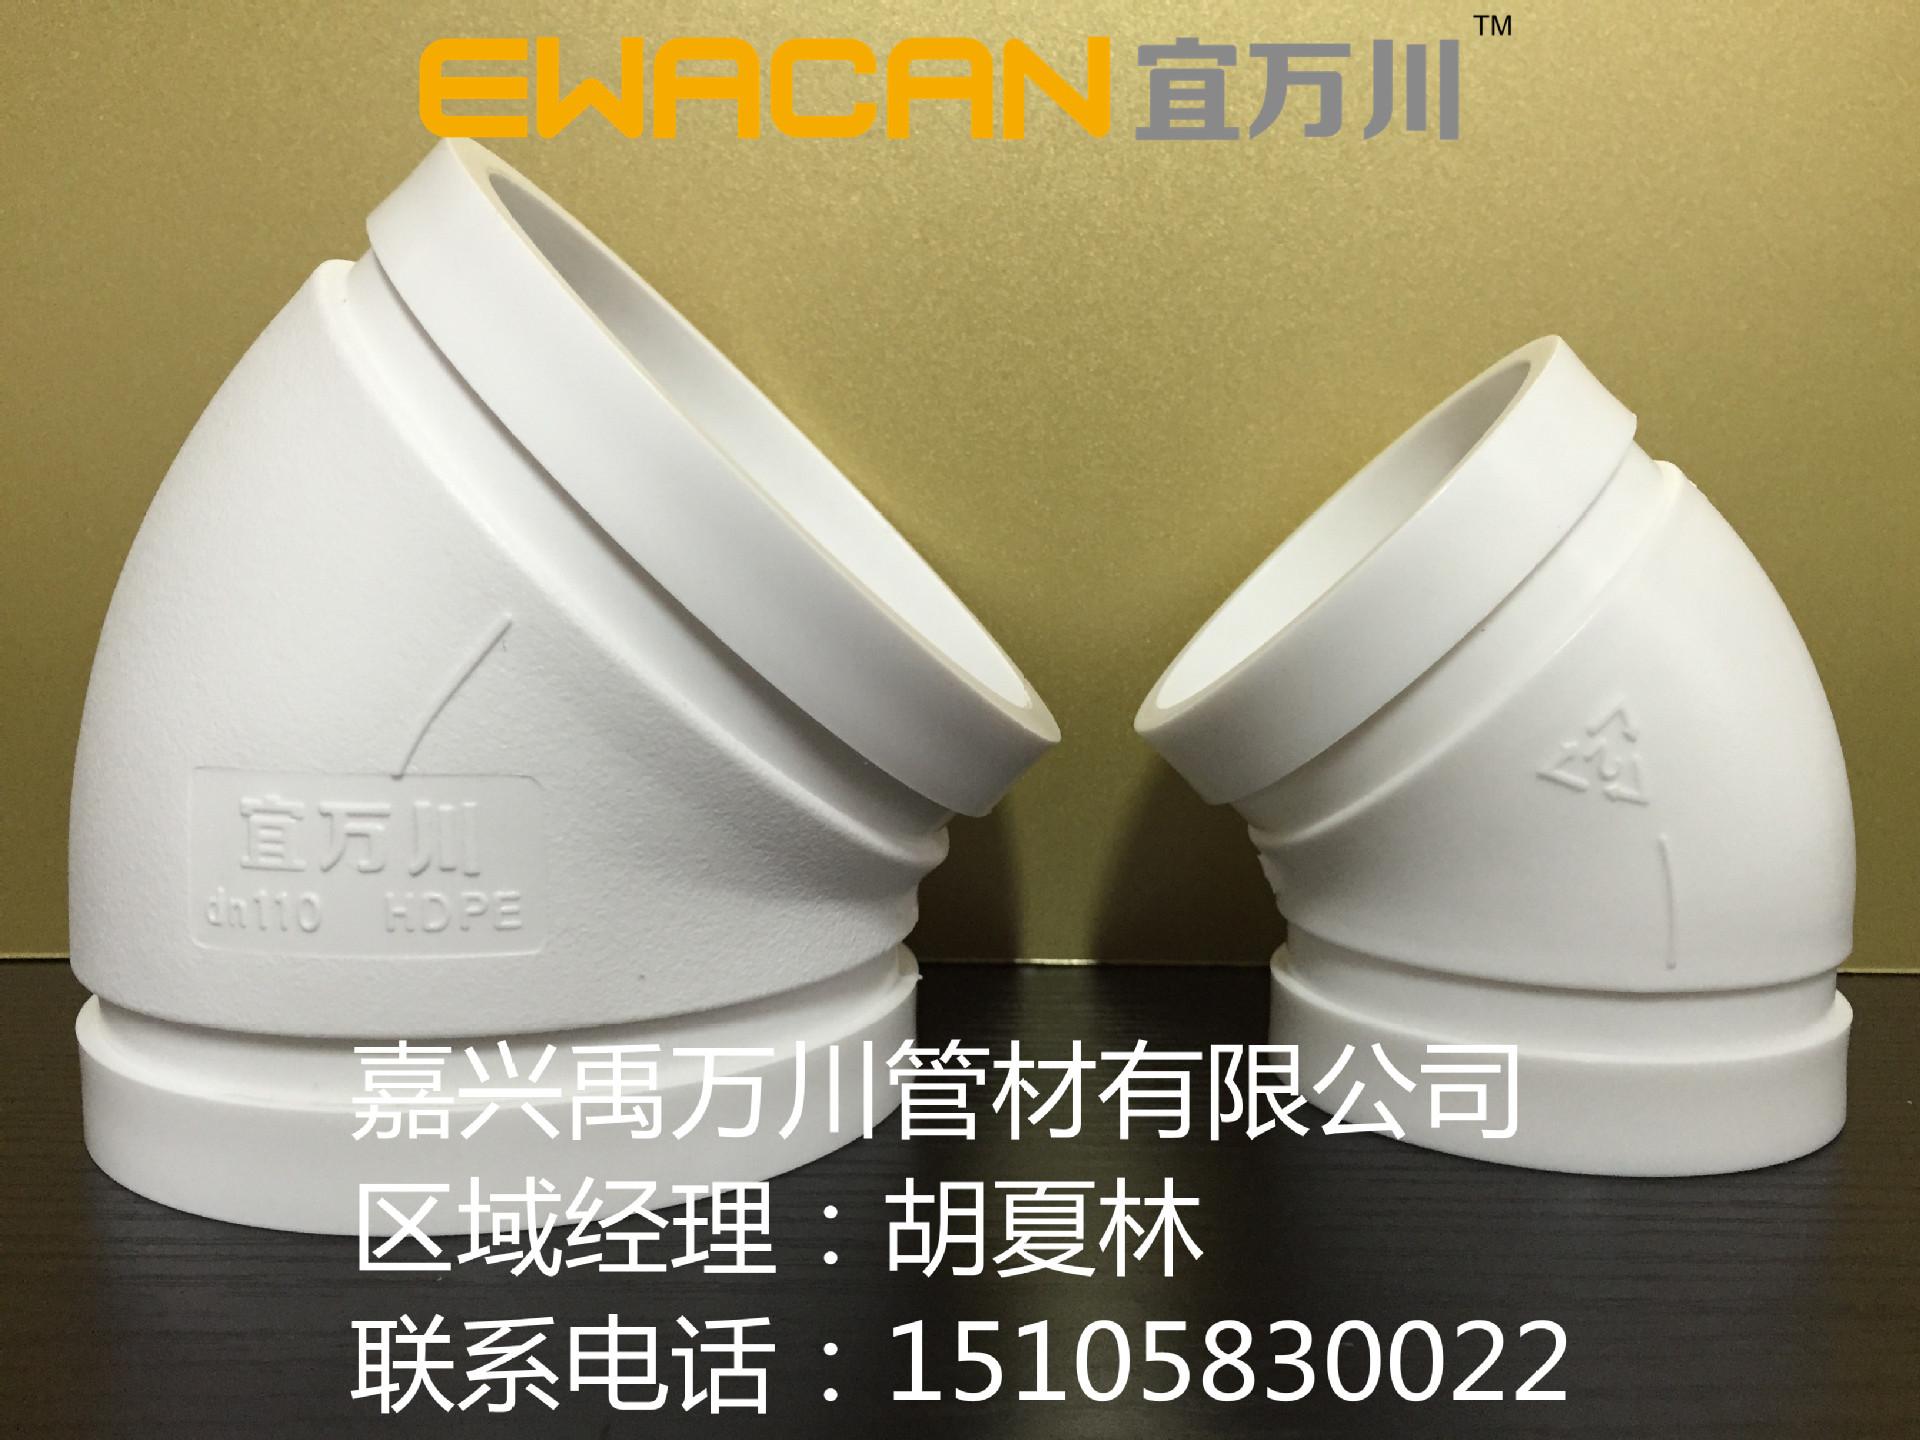 沟槽式HDPE超静音排水管,PE沟槽管,沟槽中空管,45度弯头柔性示例图5